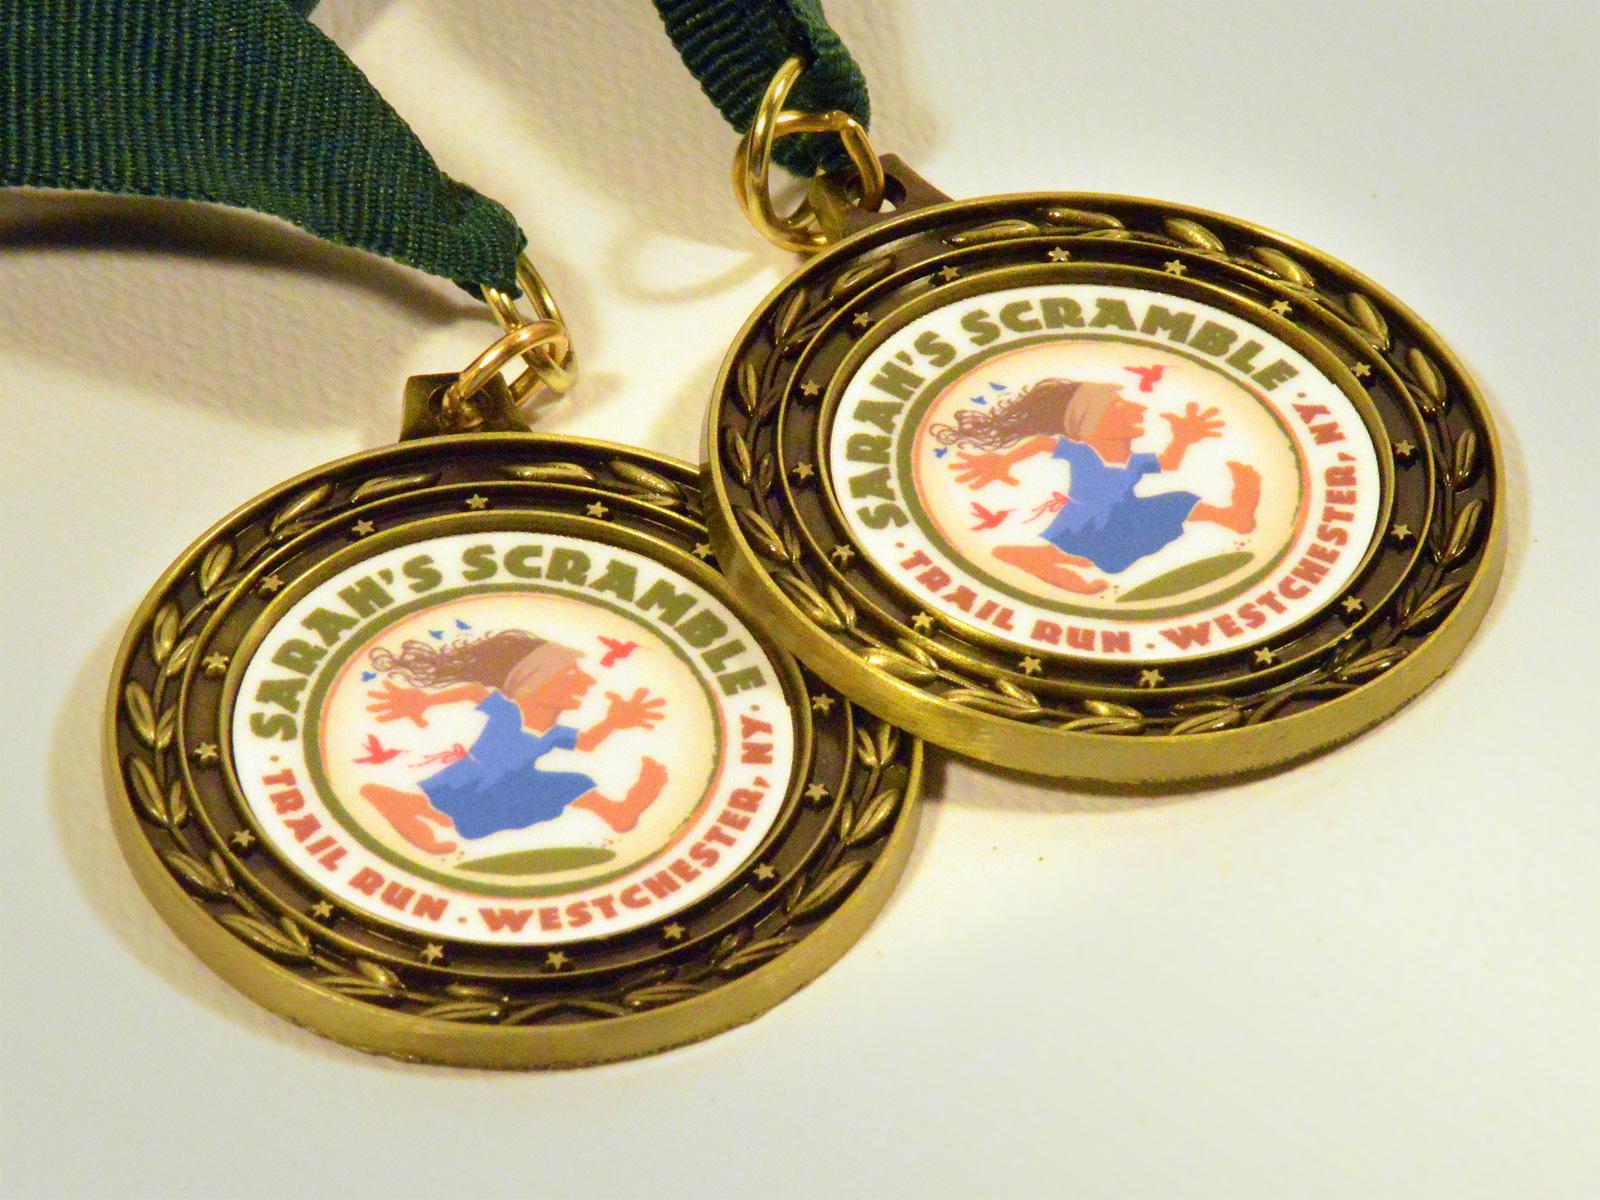 SarahsScramble_medal